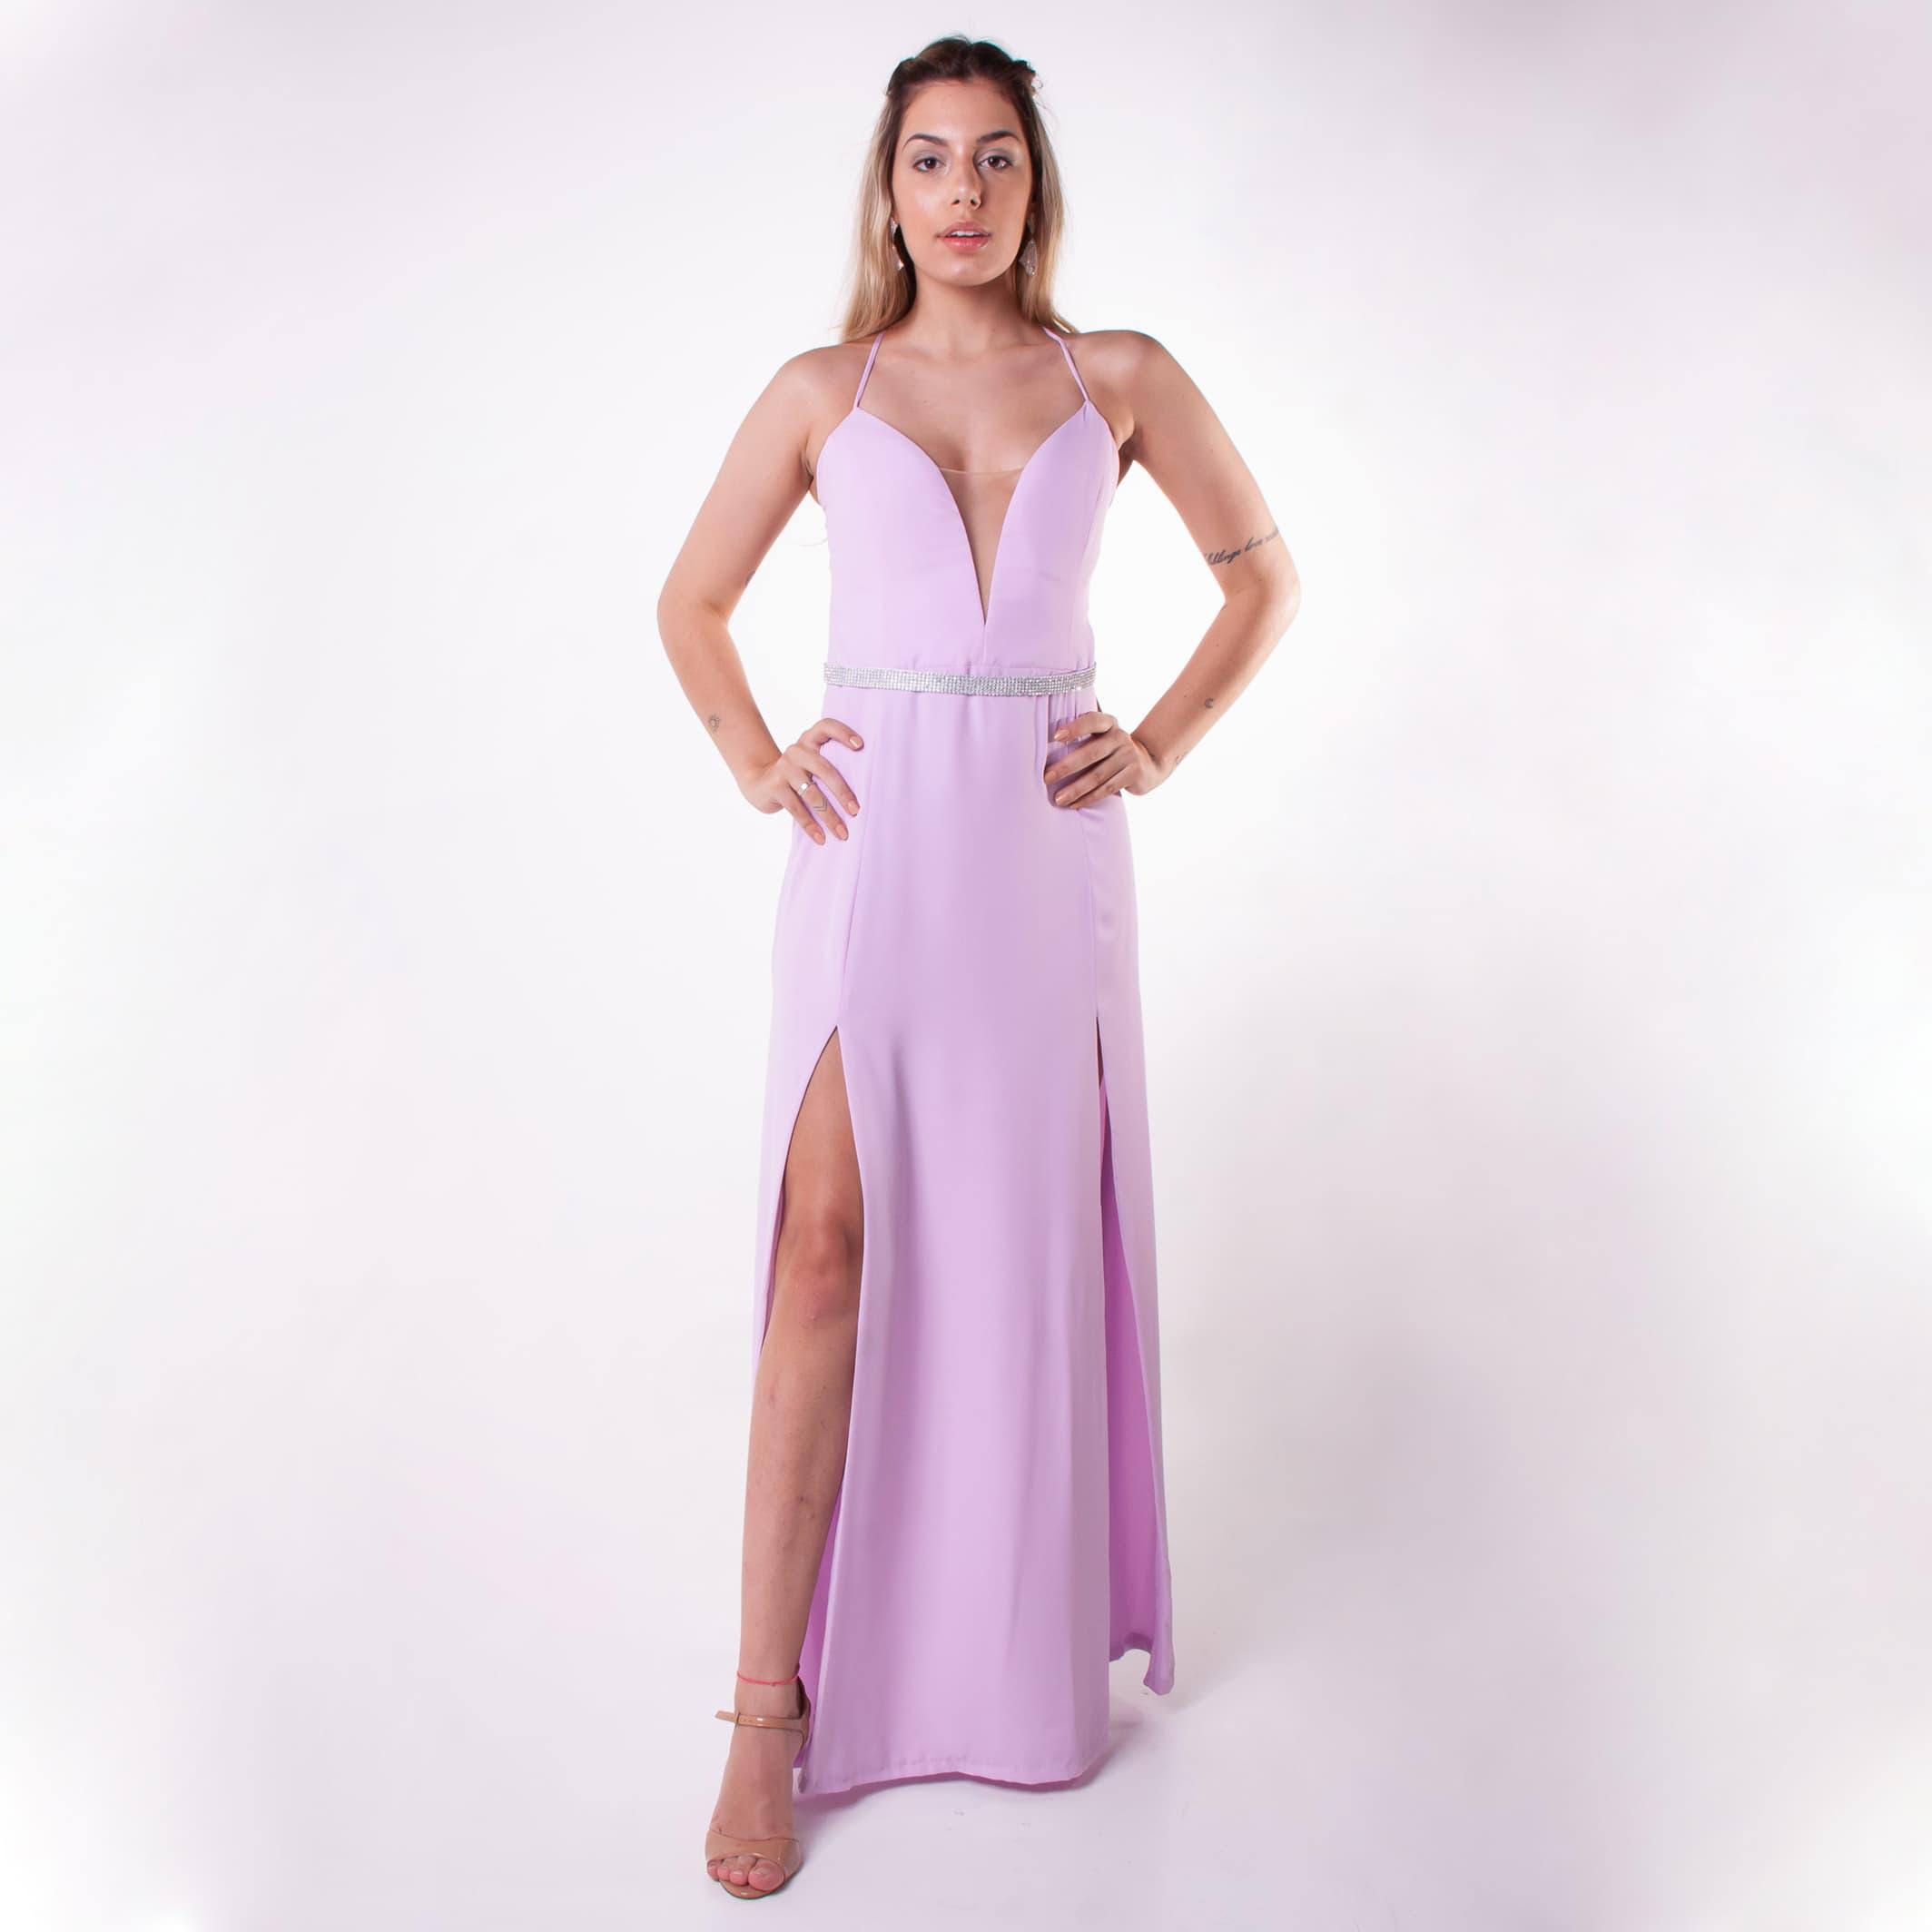 22 - Vestido lilás com fenda e cintinho